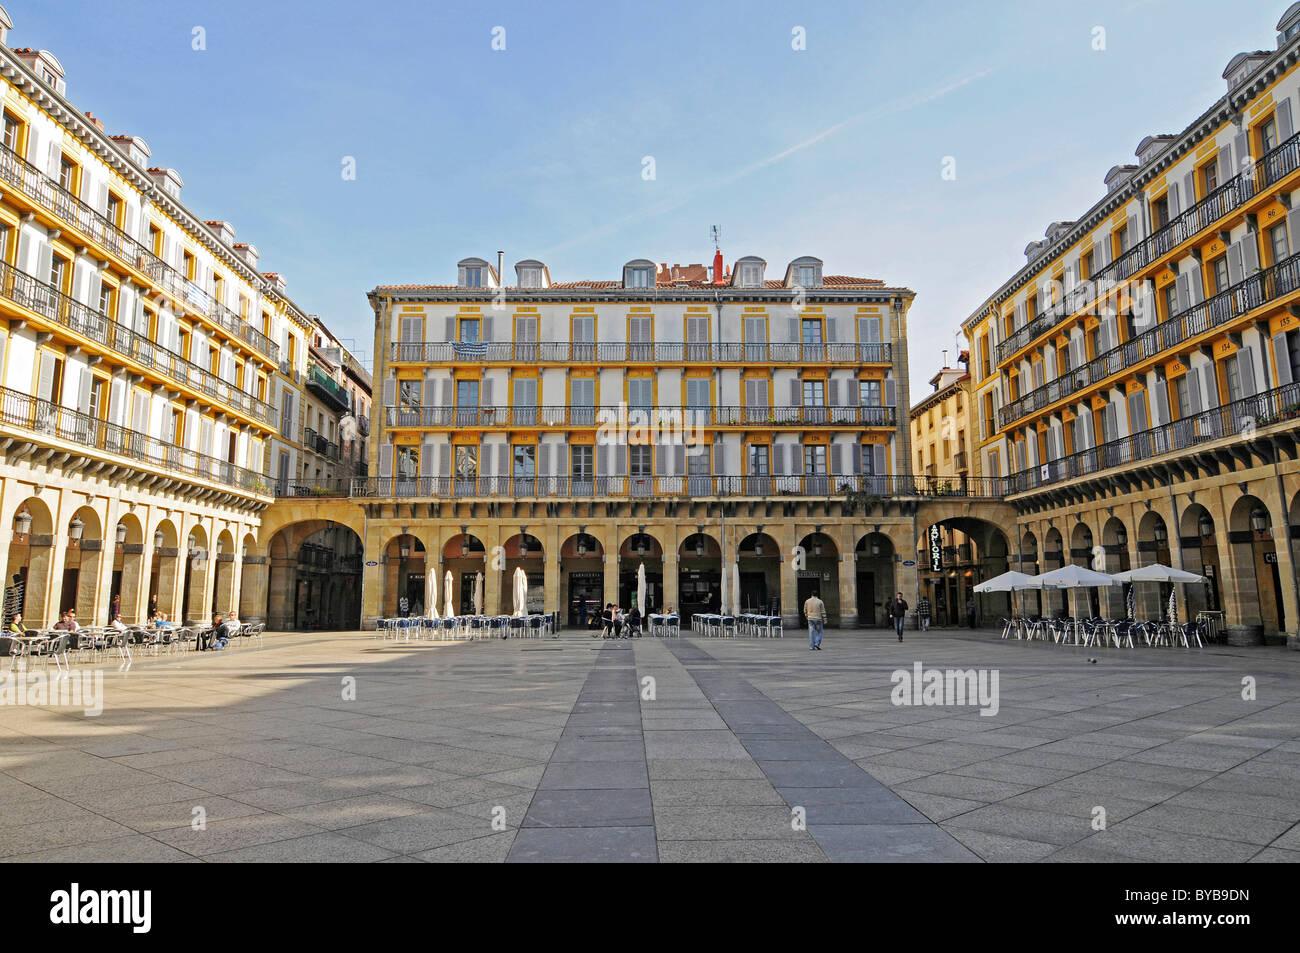 Plaza de la constitucion san sebastian pais vasco - San sebastian pais vasco ...